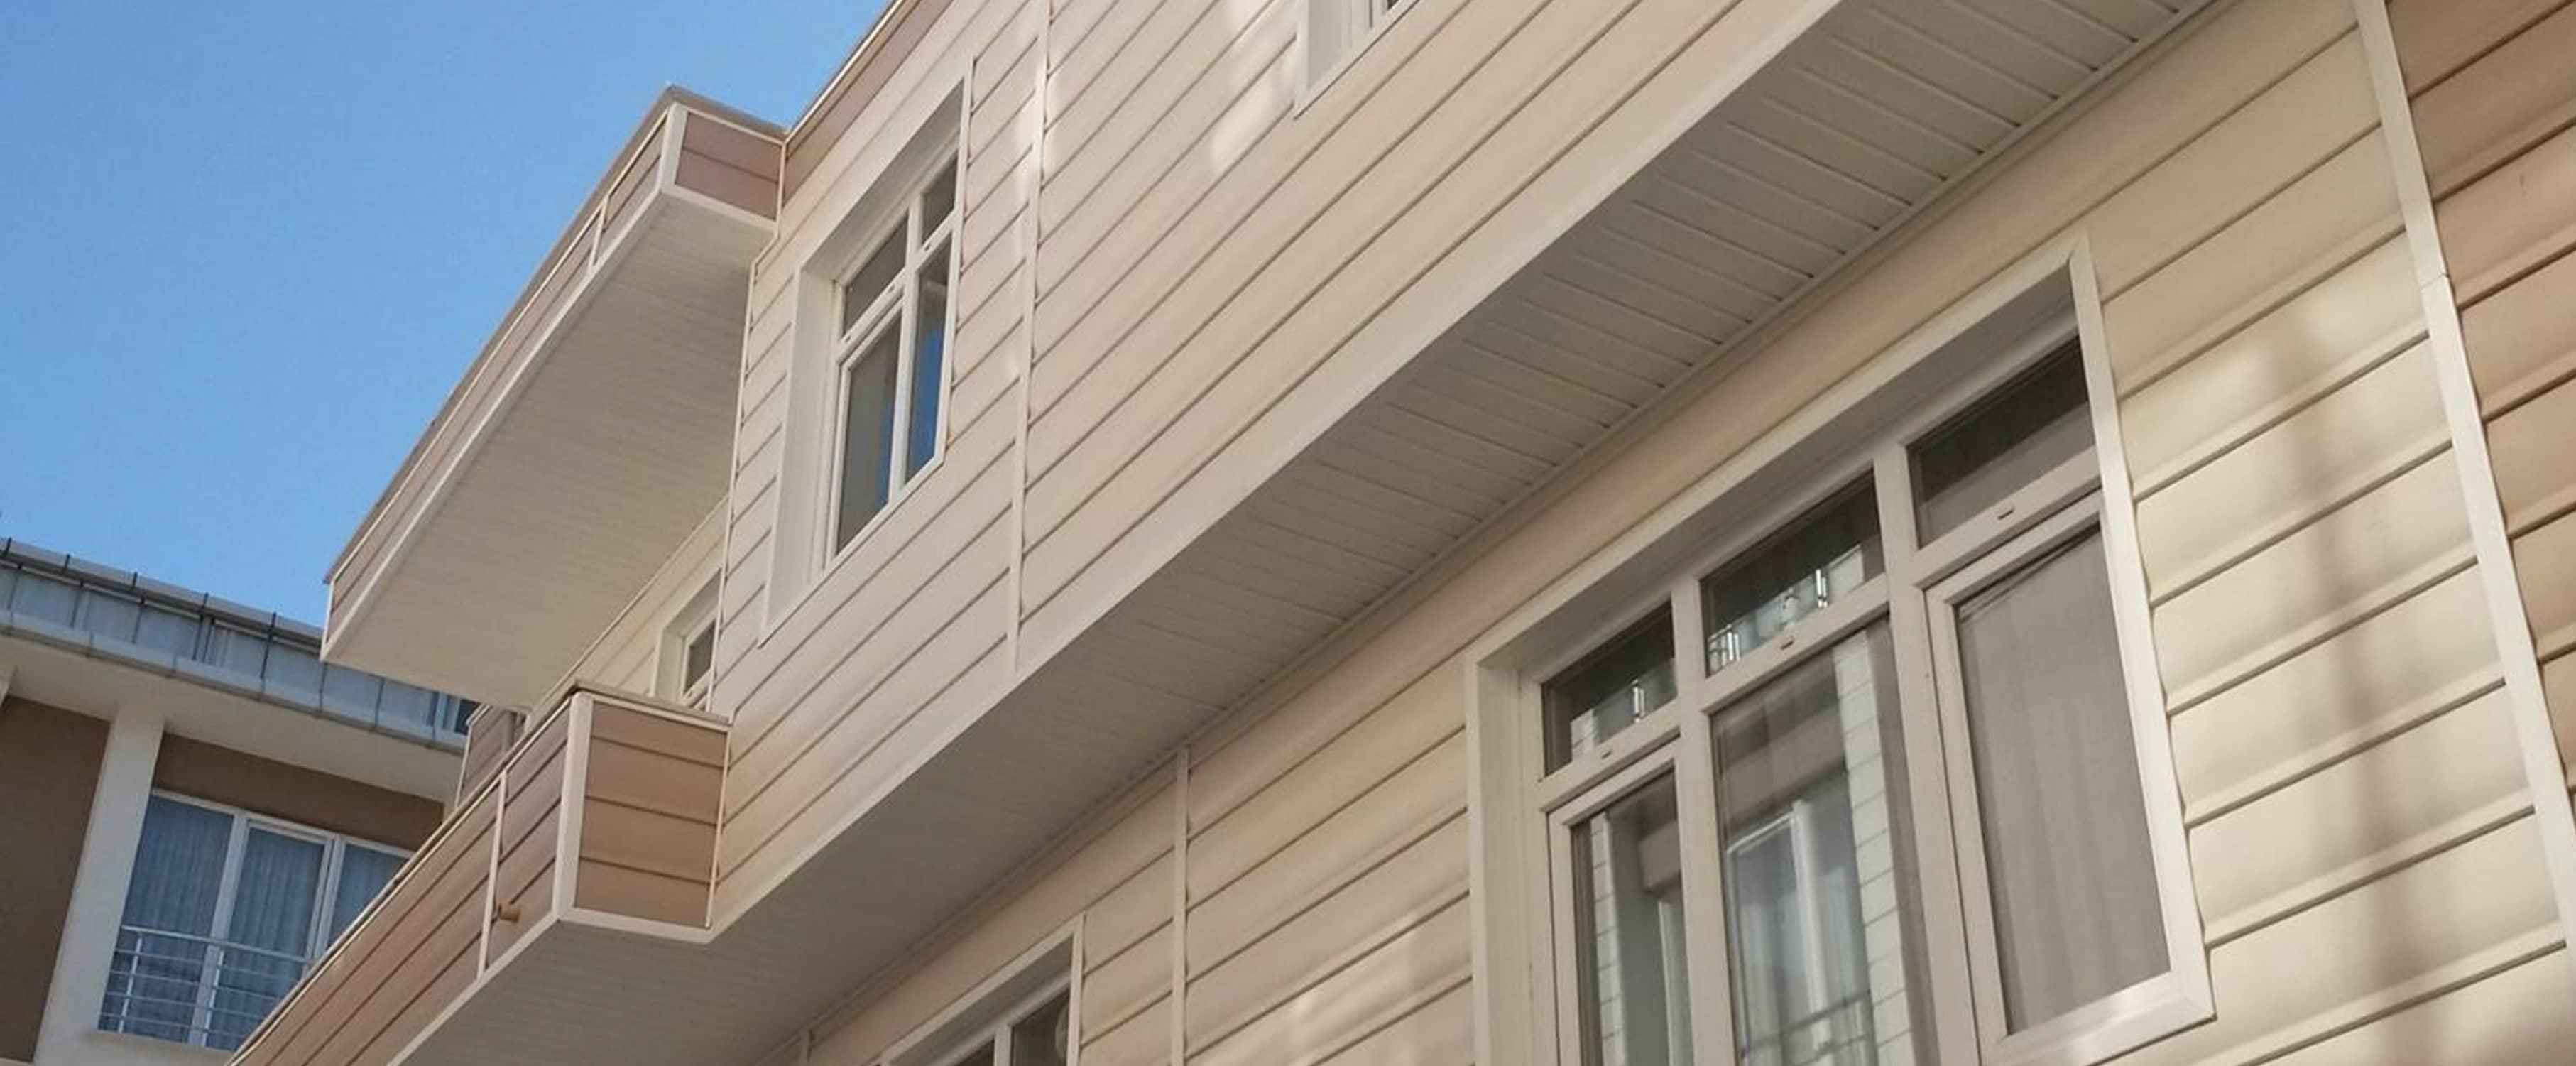 istanbul �elik ev prefabrik ev projesi